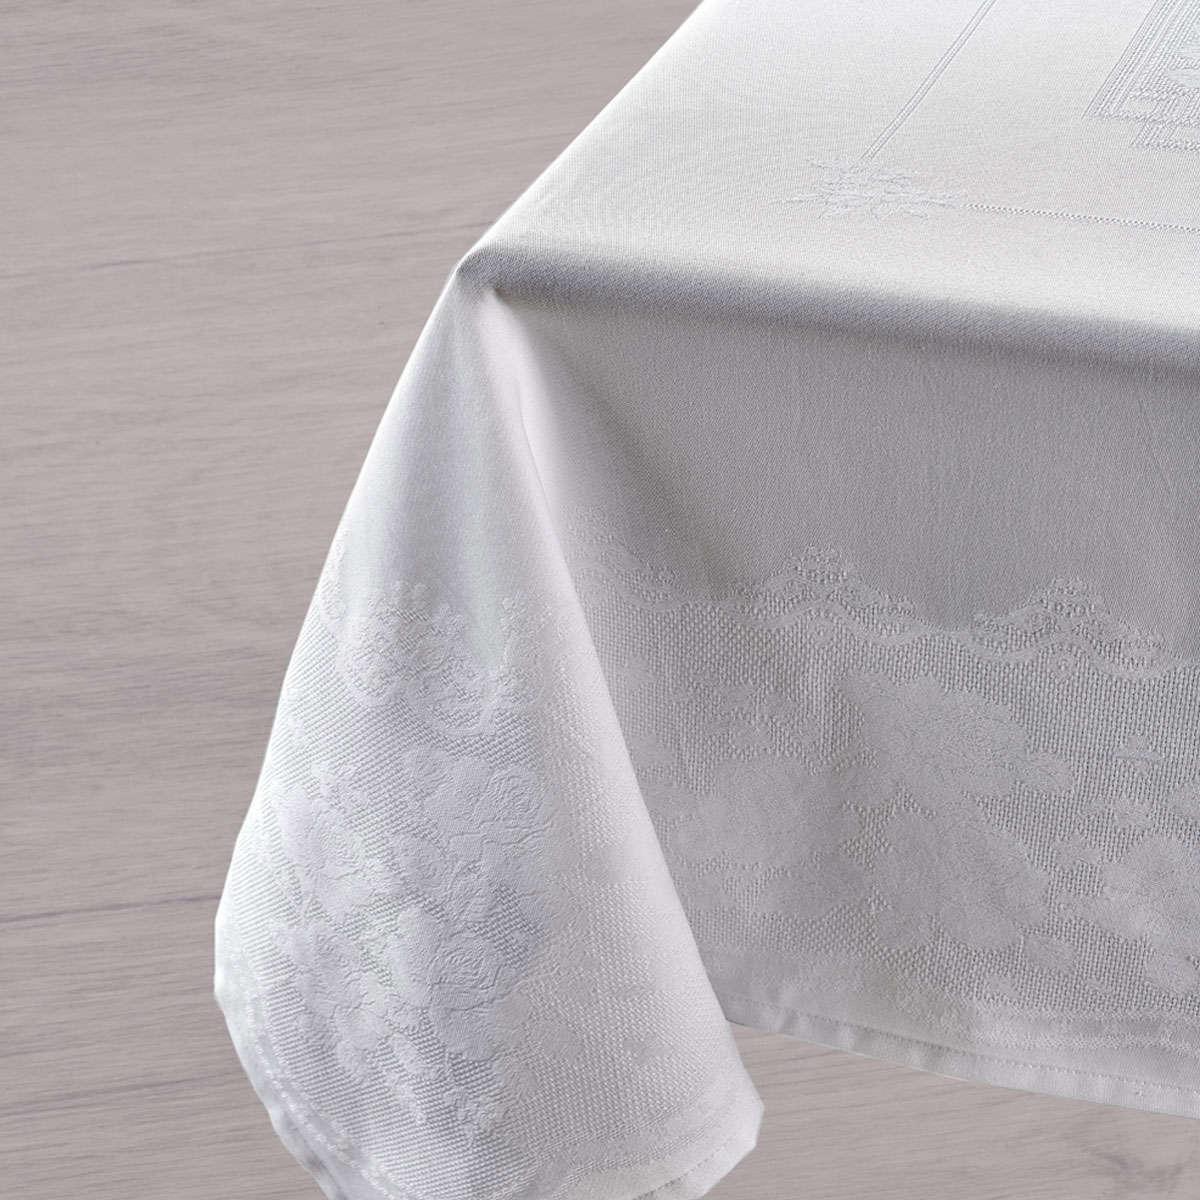 Τραπεζομάντηλο Fantine 00 White Kentia 150X250